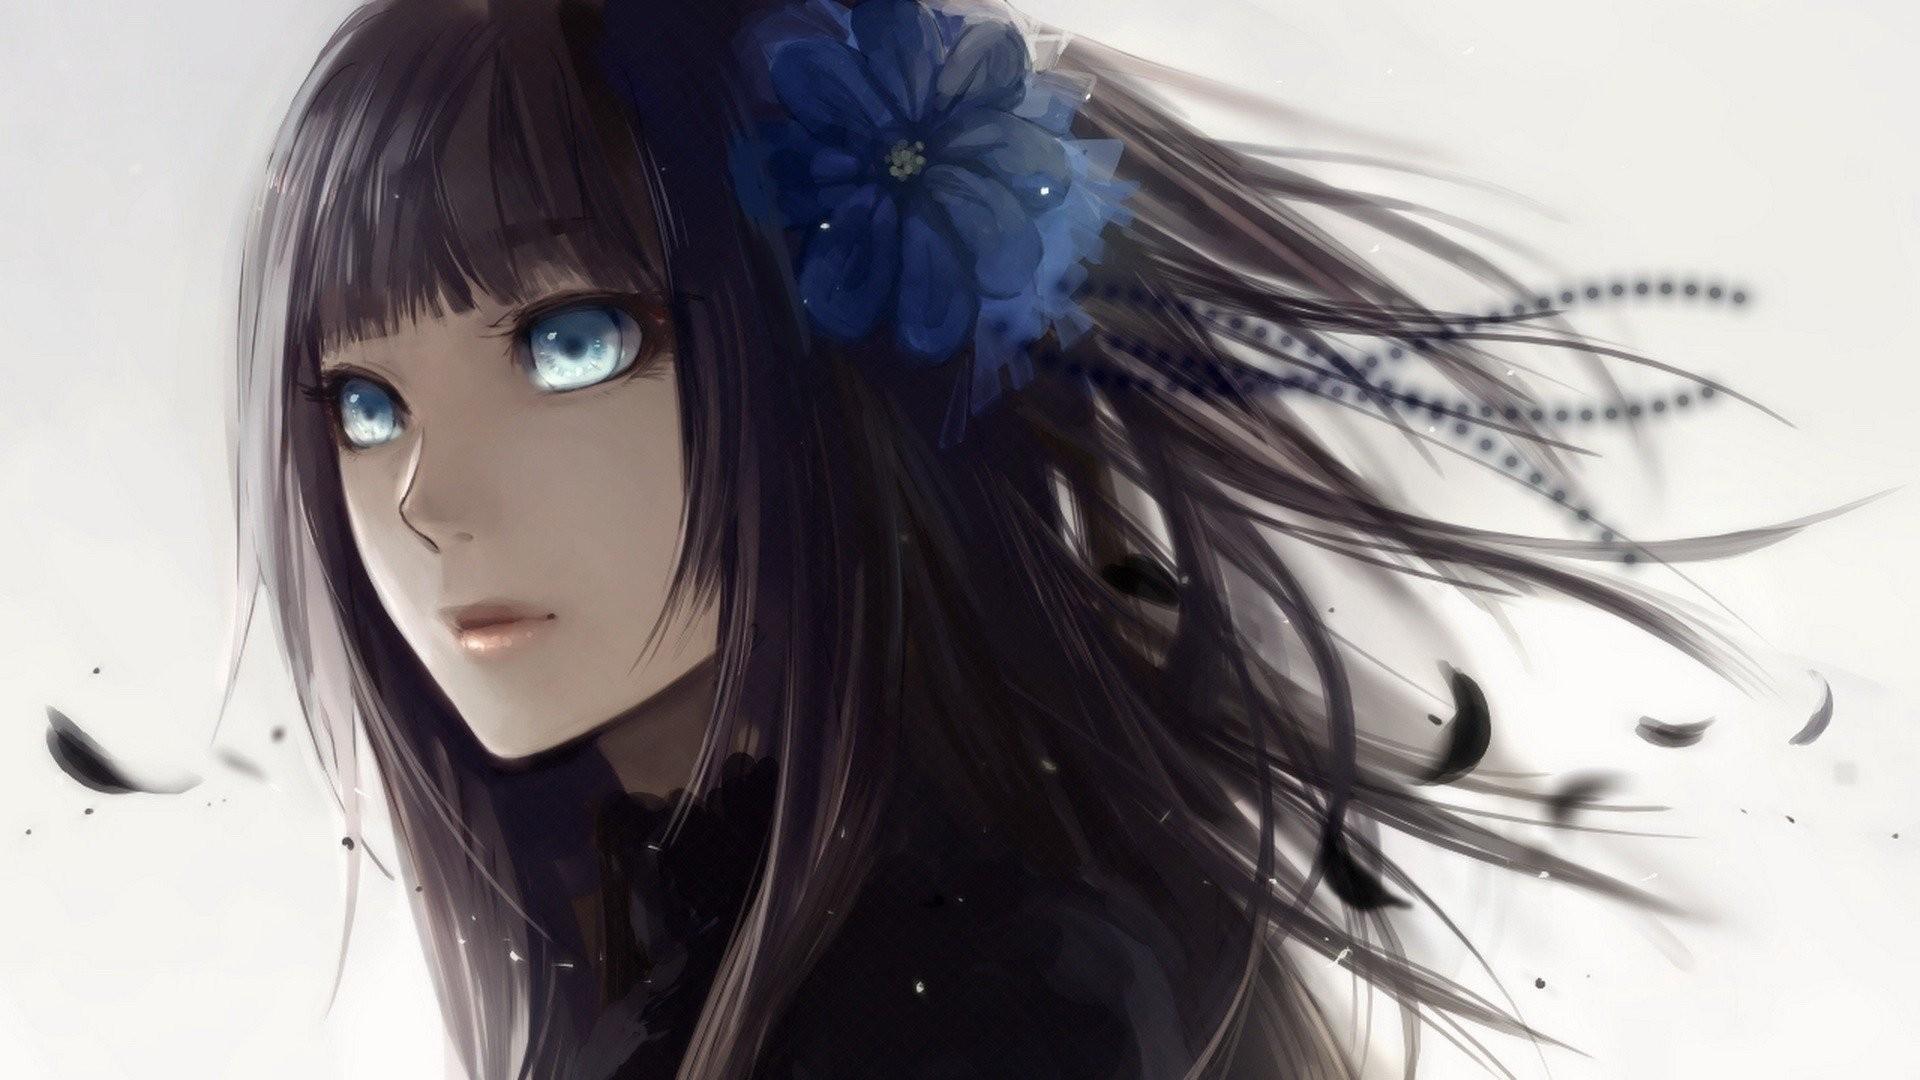 Anime Girl Black Hair 483641